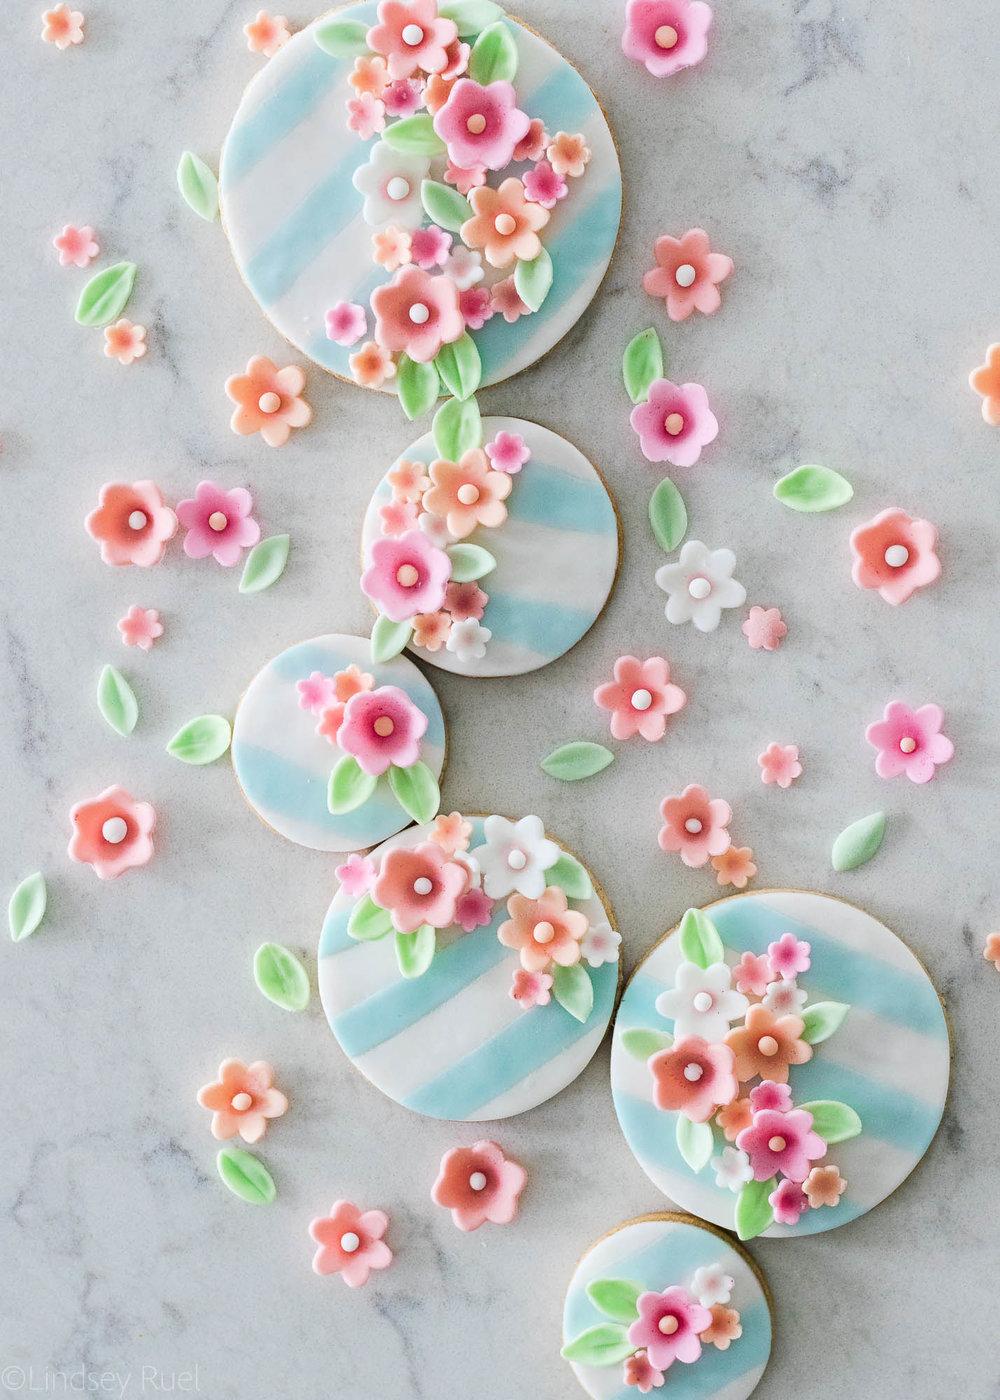 Fondant-Flower-Cookies-21.jpg